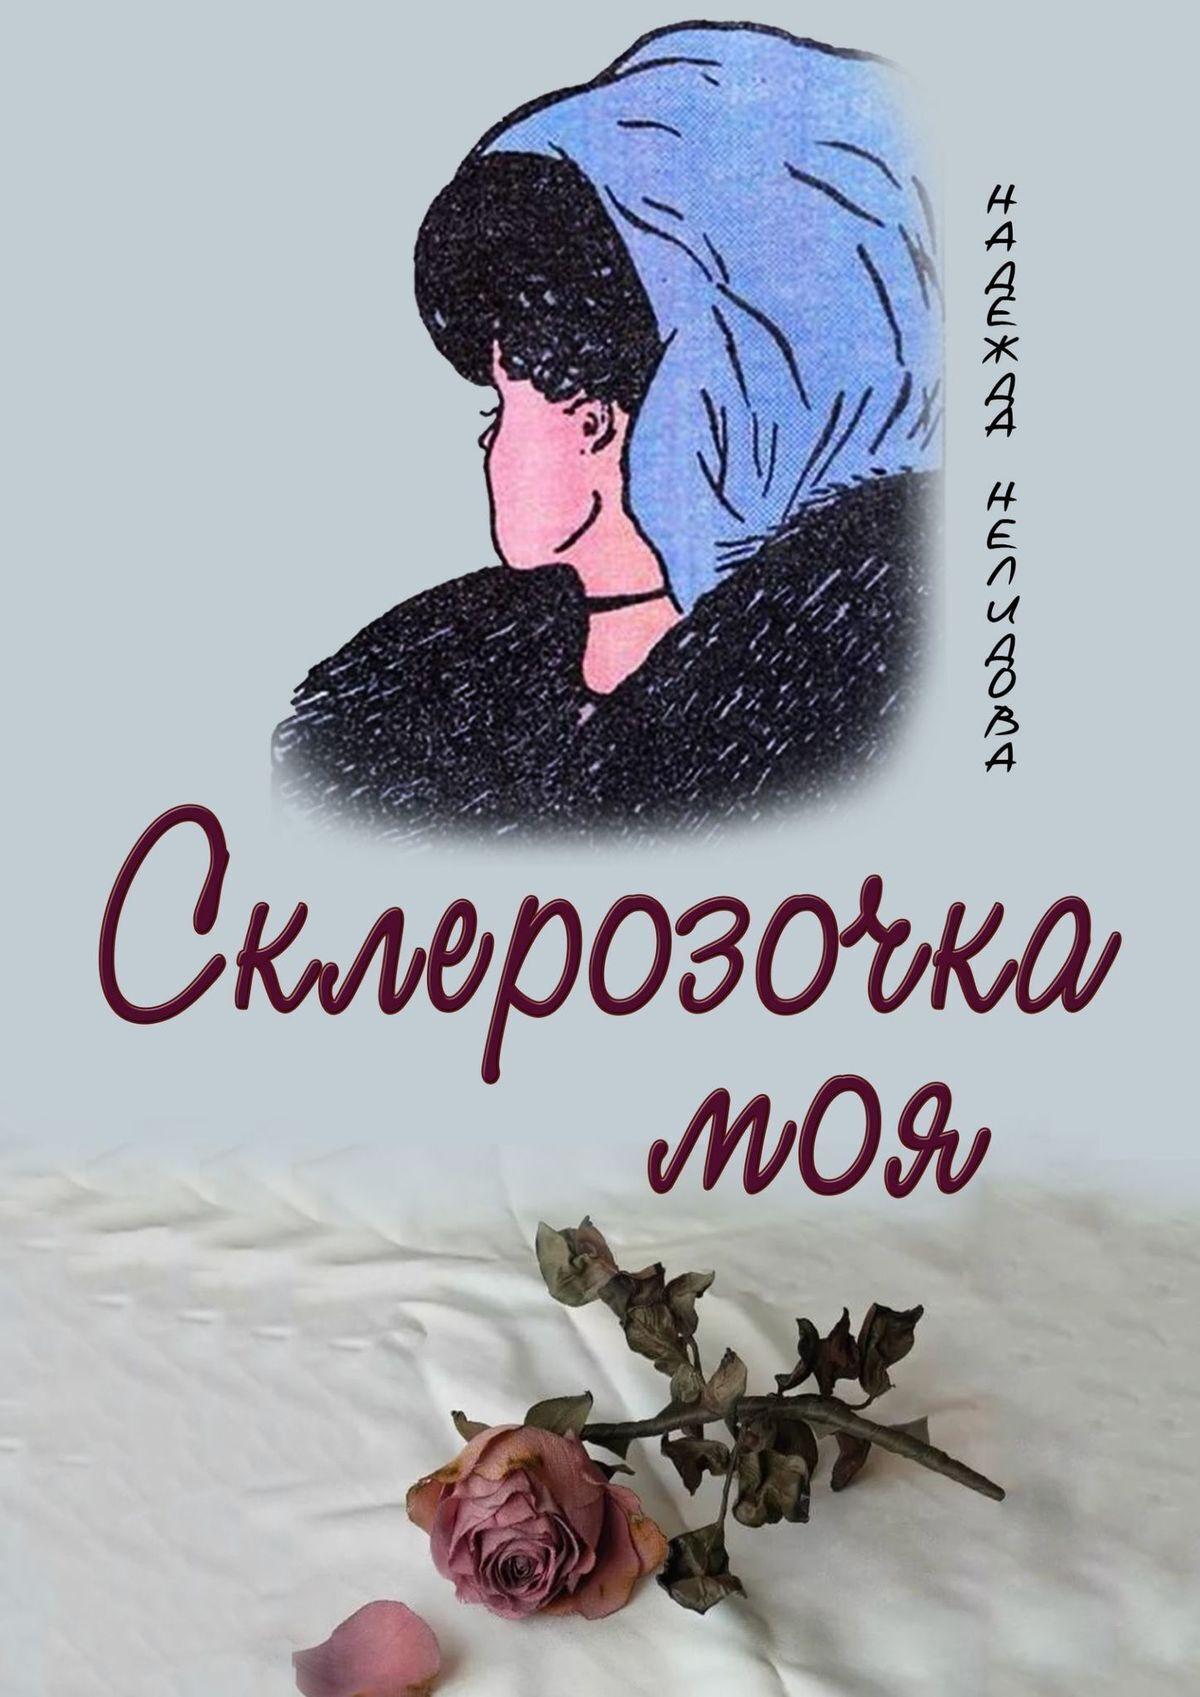 Надежда Георгиевна Нелидова Женщина вжутких розочках марк котлярский странная женщина